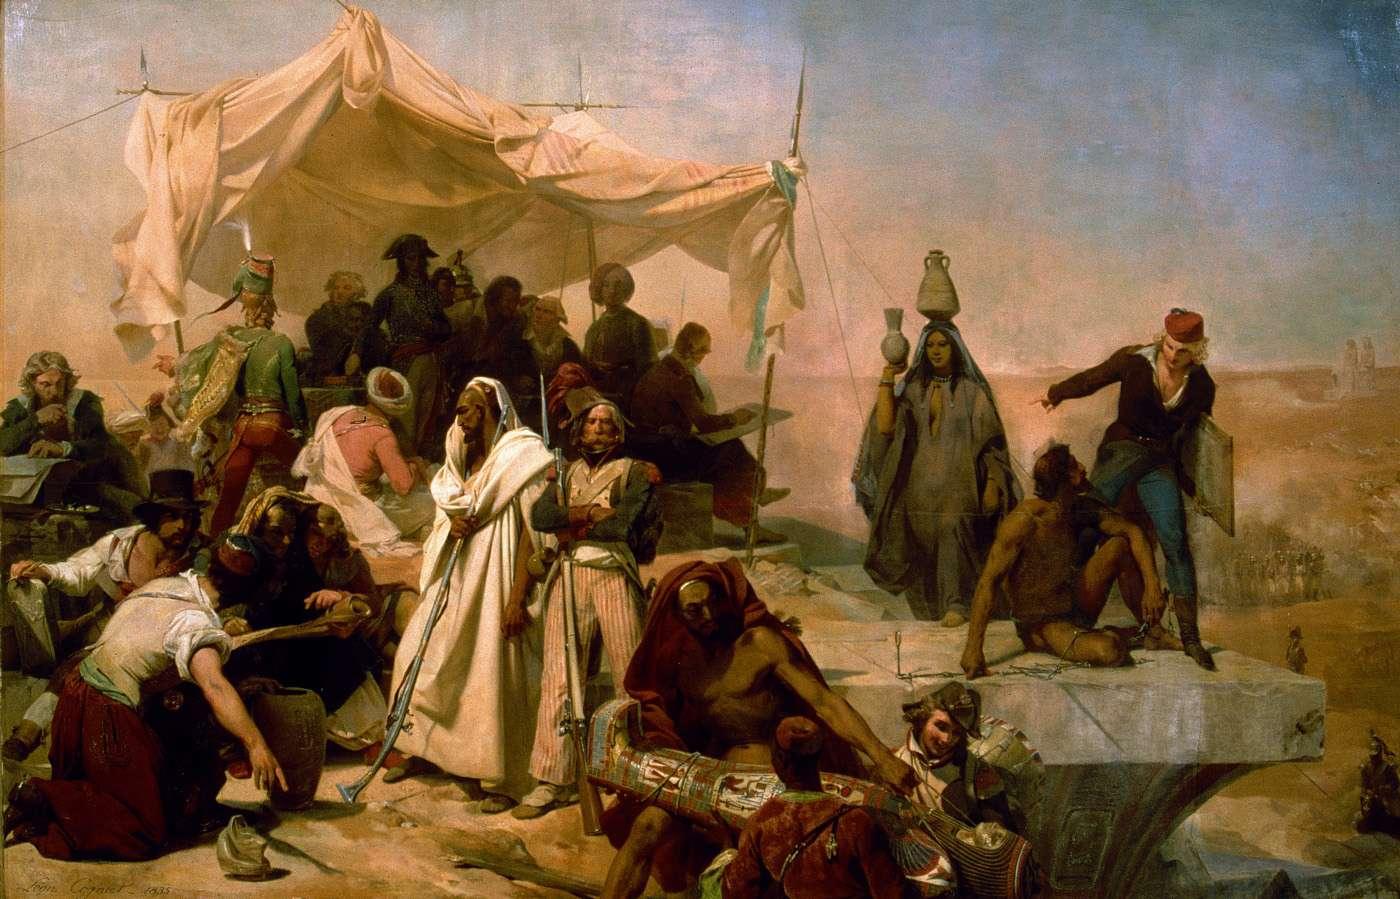 Leon_Cogniet_-_L_Expedition_D_Egypte_Sous_Les_Ordres_De_Bonaparte